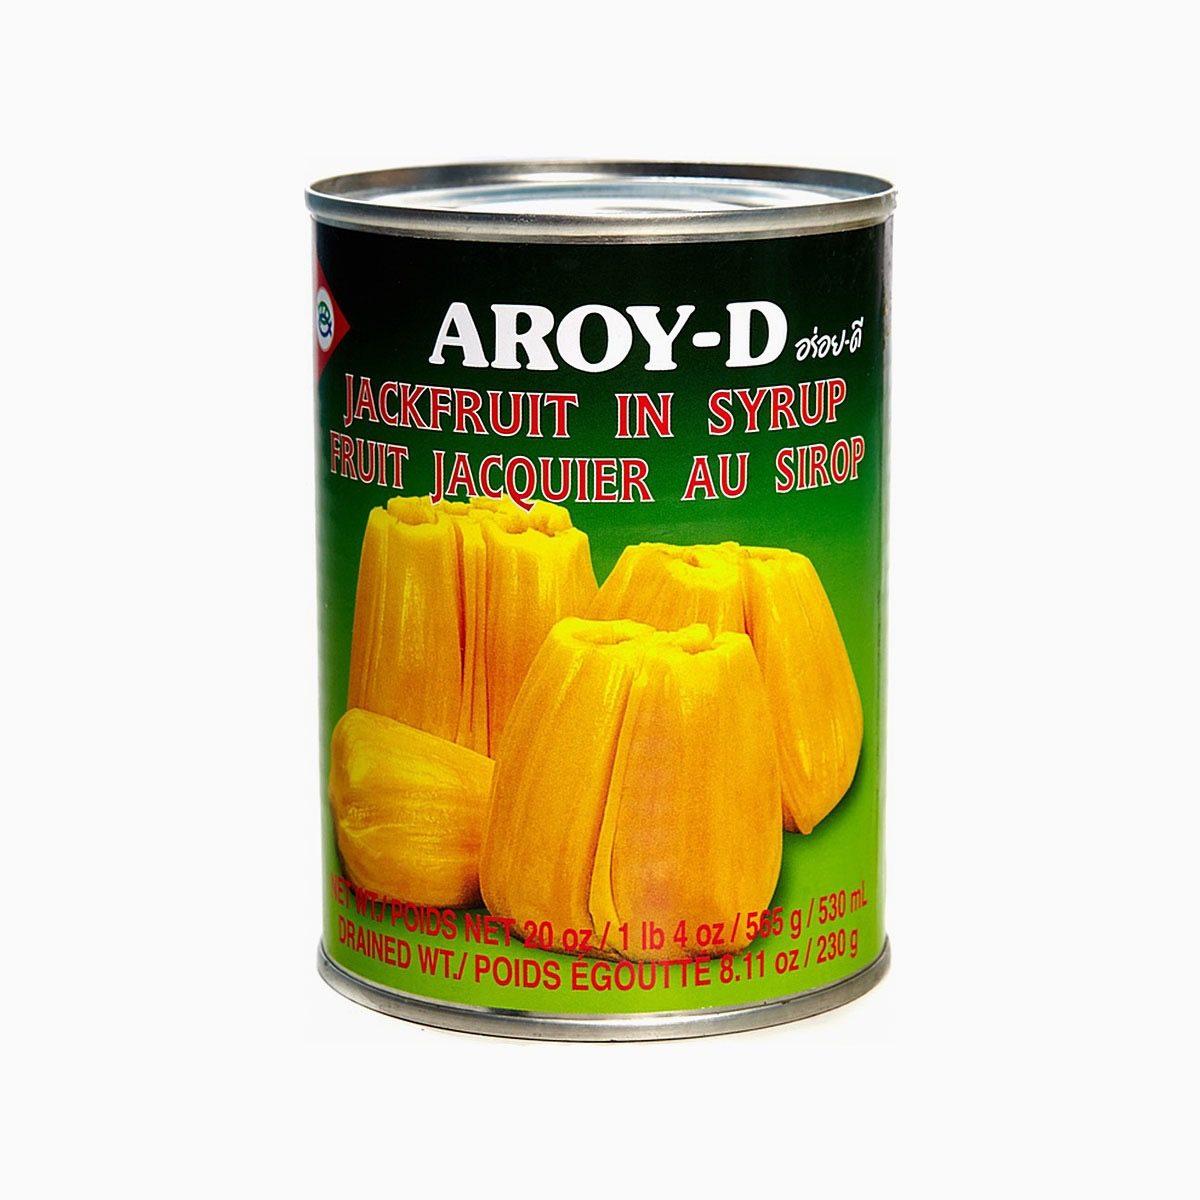 Джекфрут в сиропе, Aroy-d, 565 гр